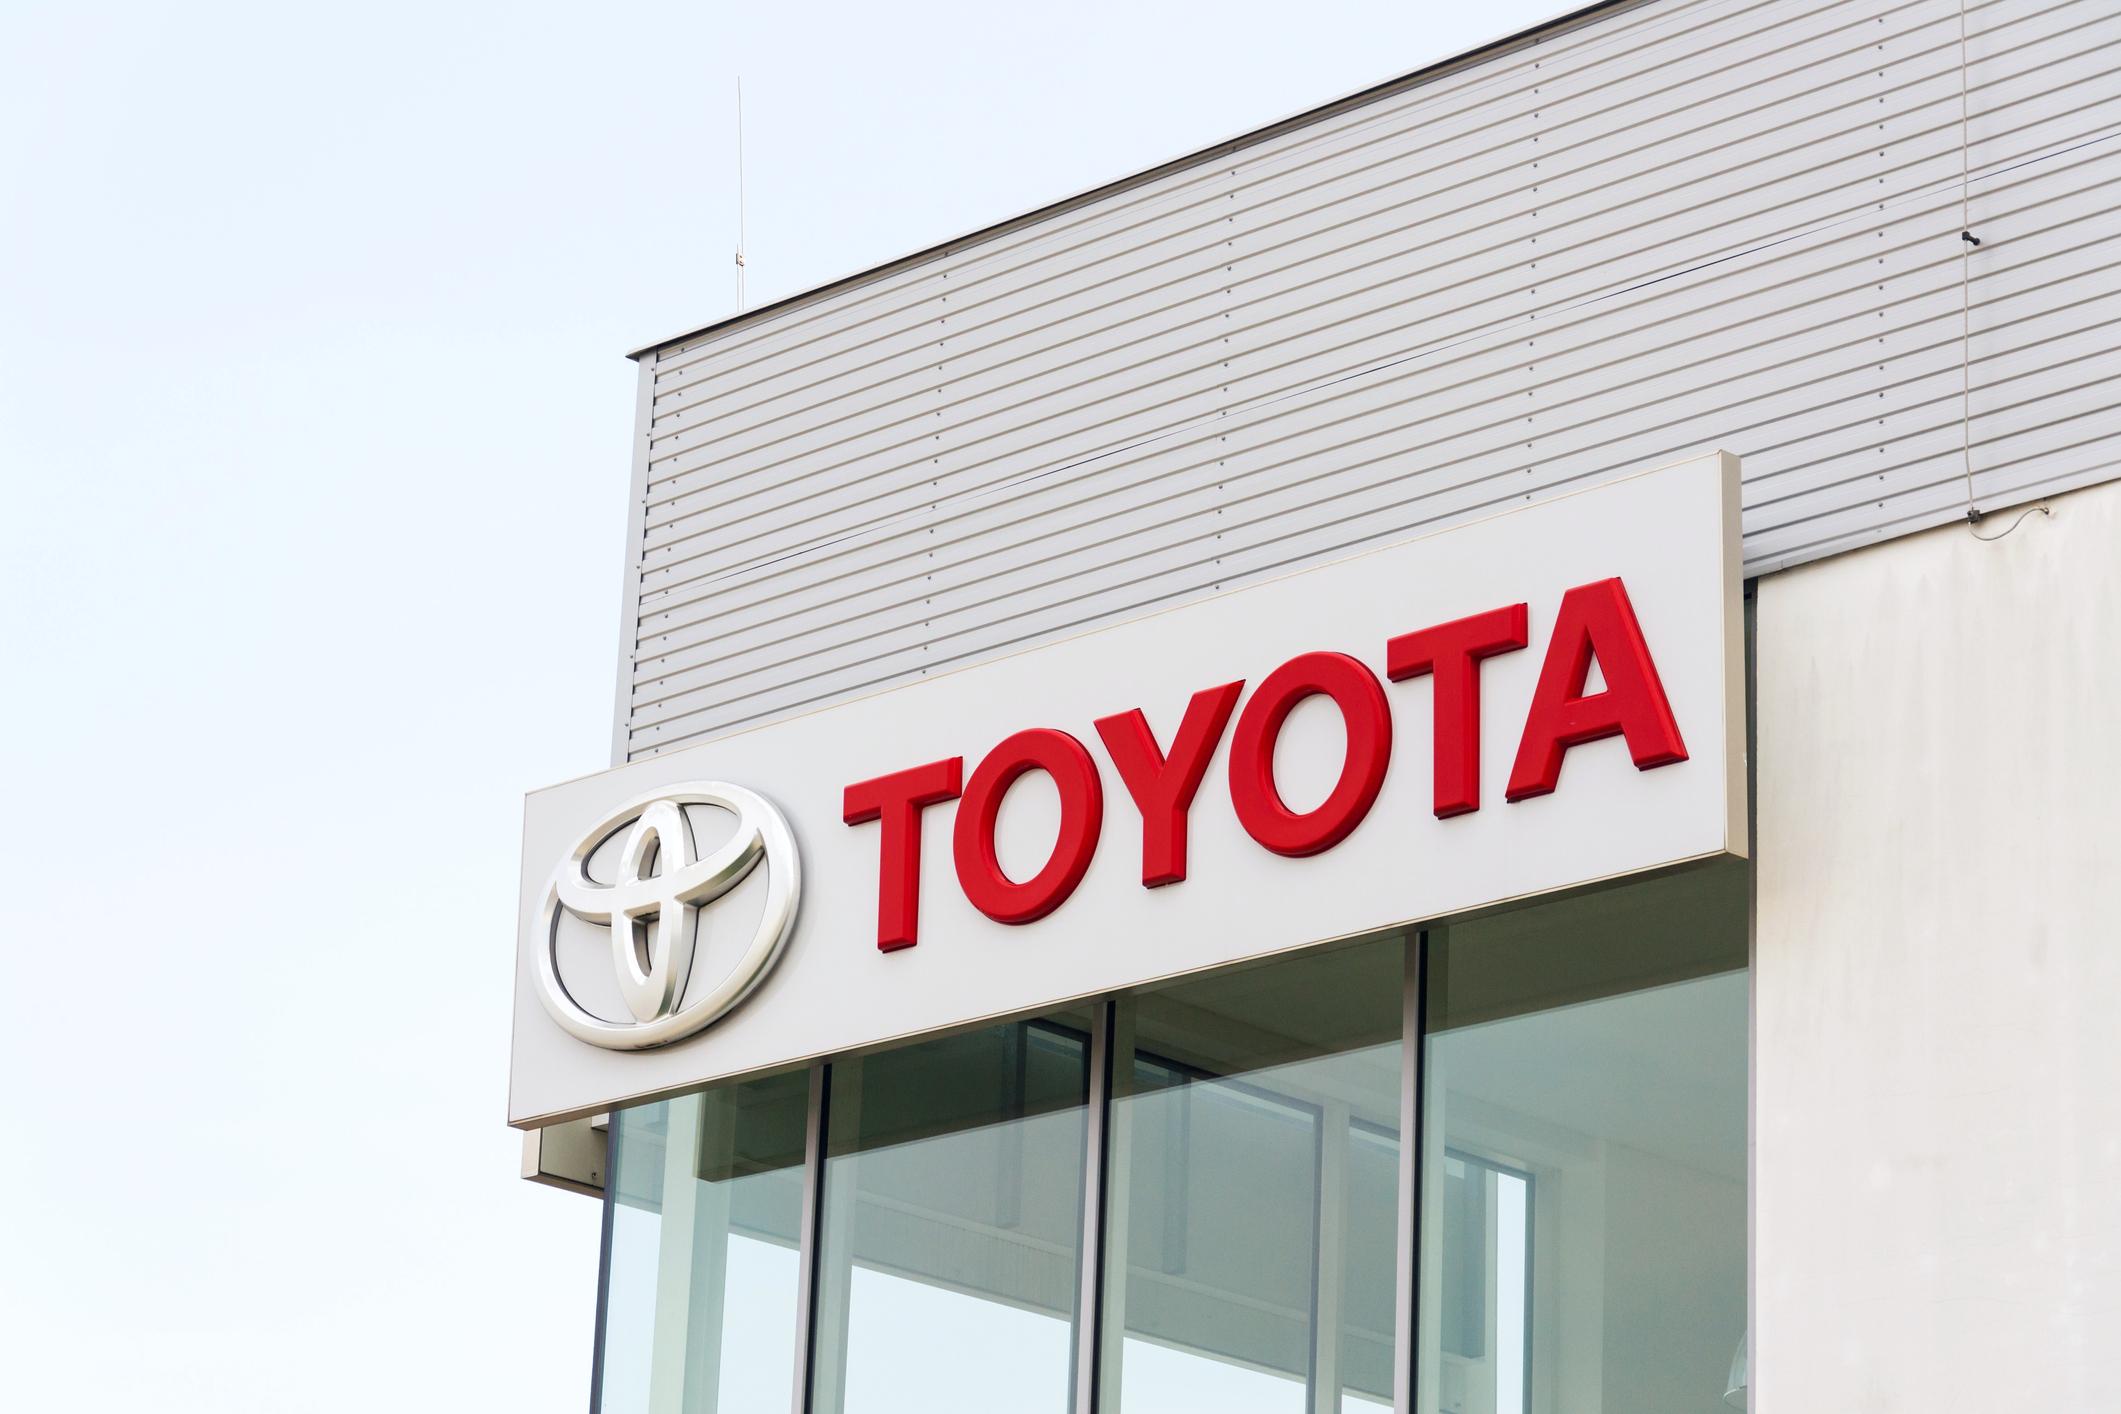 Étudiants en mécanique auto, découvrez le nouveau Toyota Venza 2021